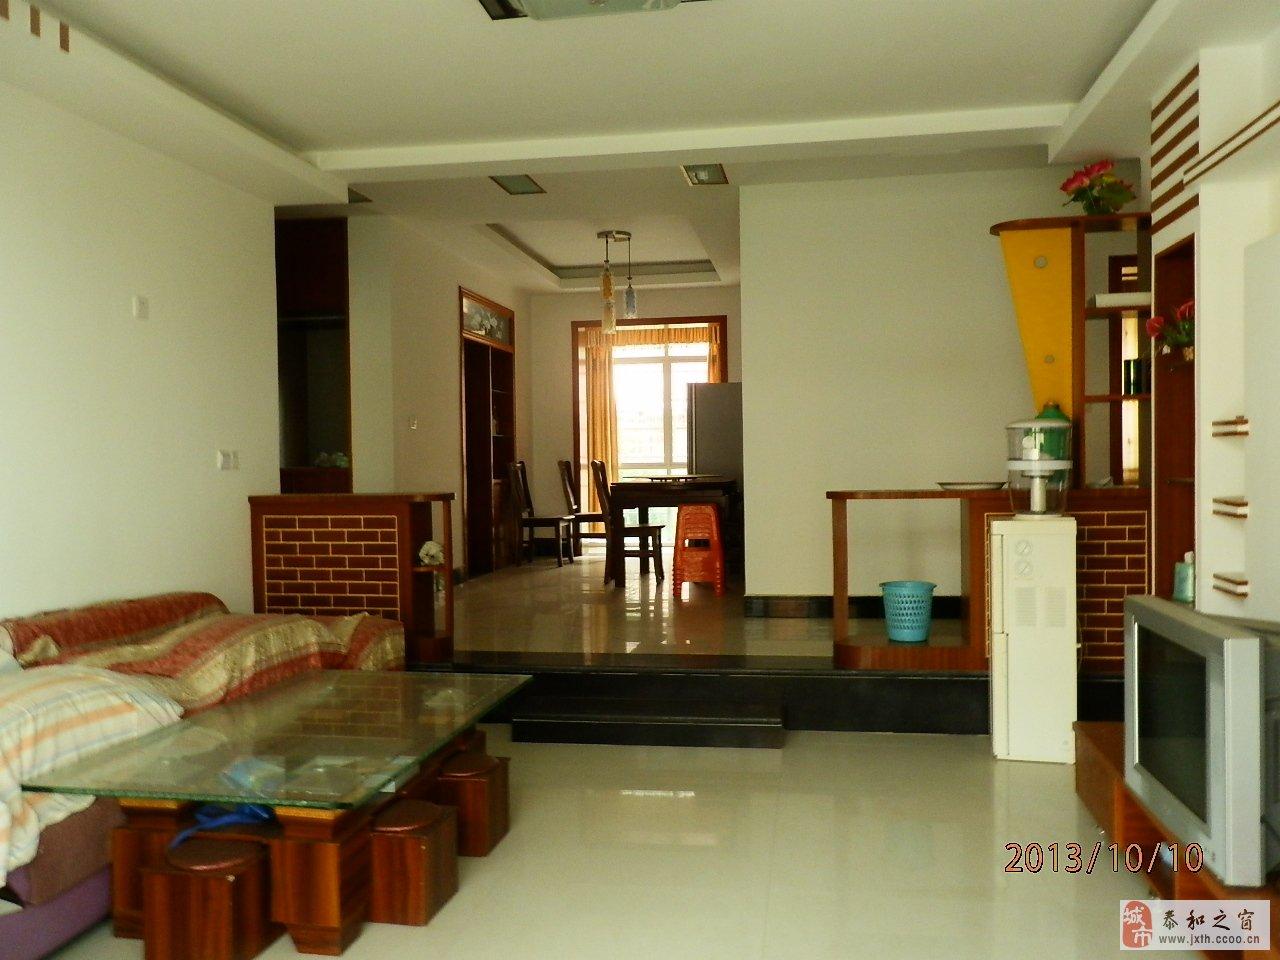 8万元 156㎡ 房子南北通透,间距宽,光线好,户型好,是难得的好房.